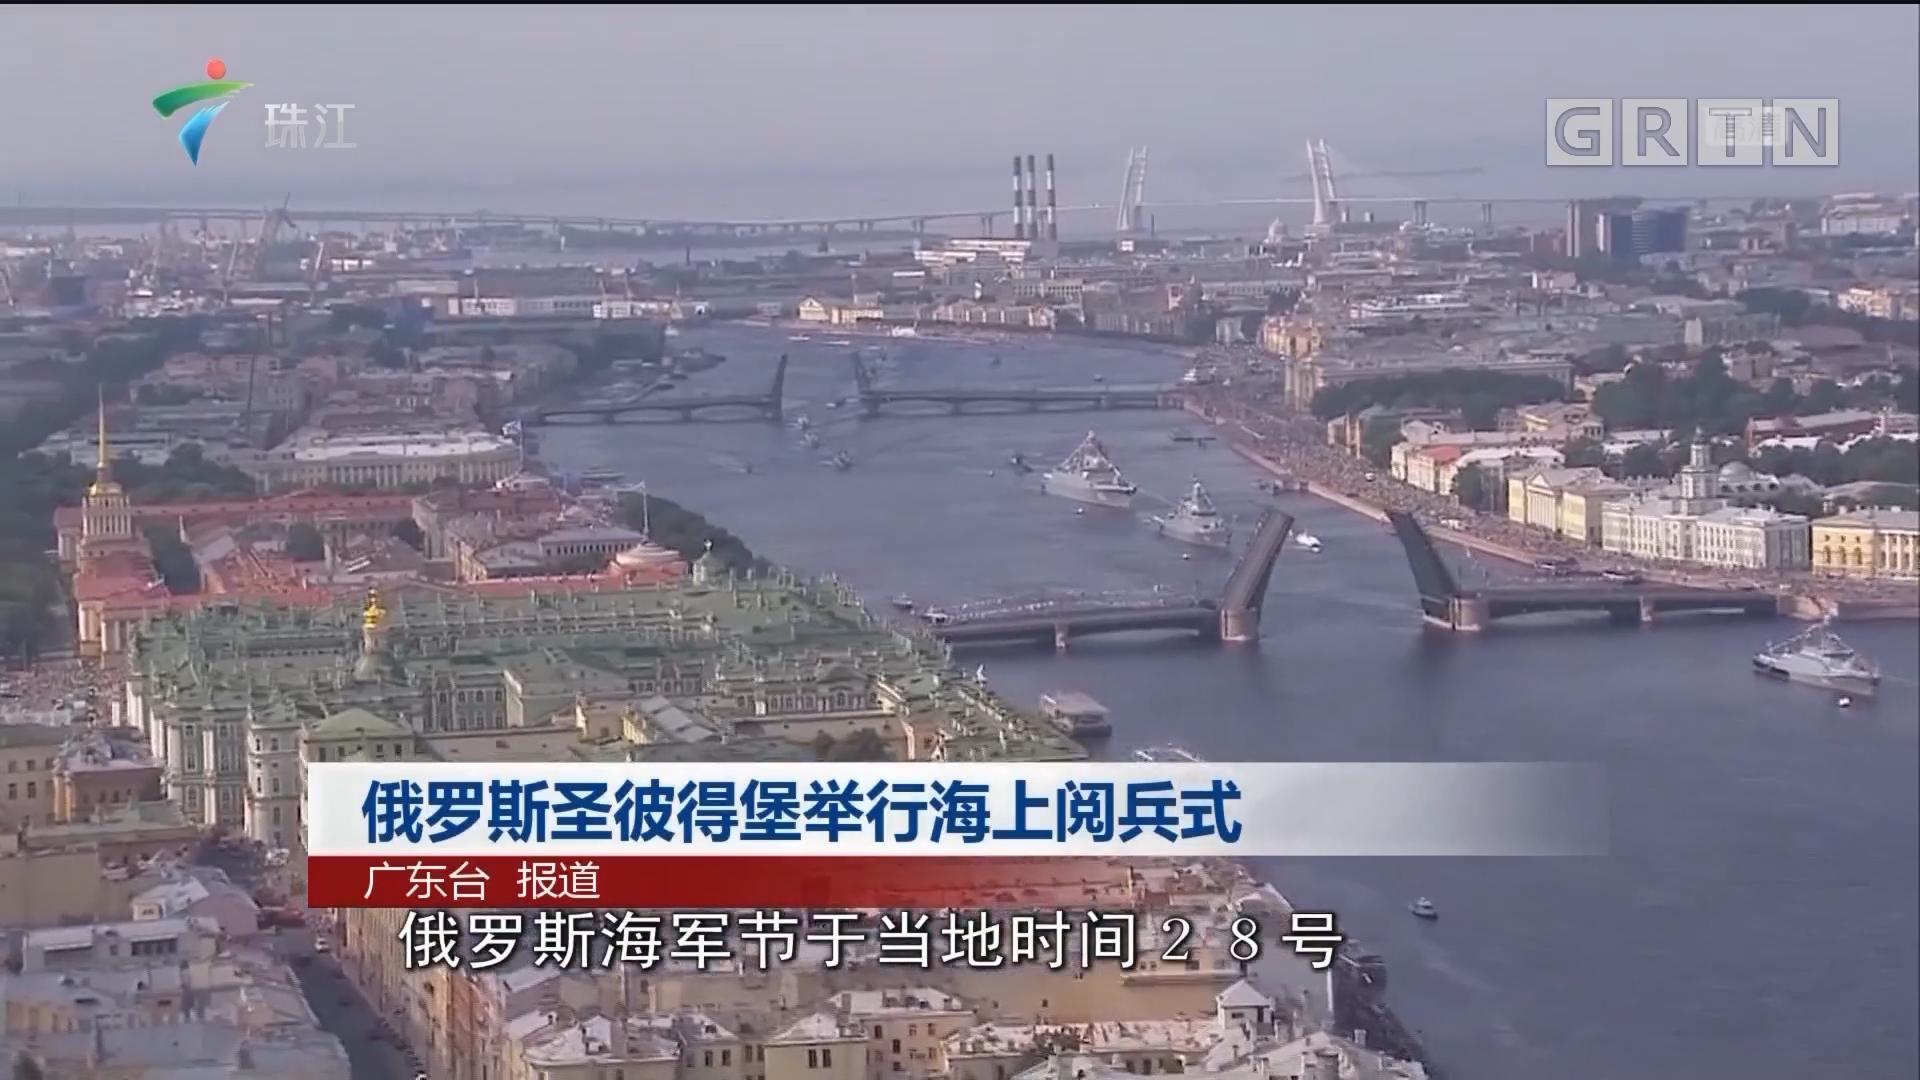 俄羅斯圣彼得堡舉行海上閱兵式